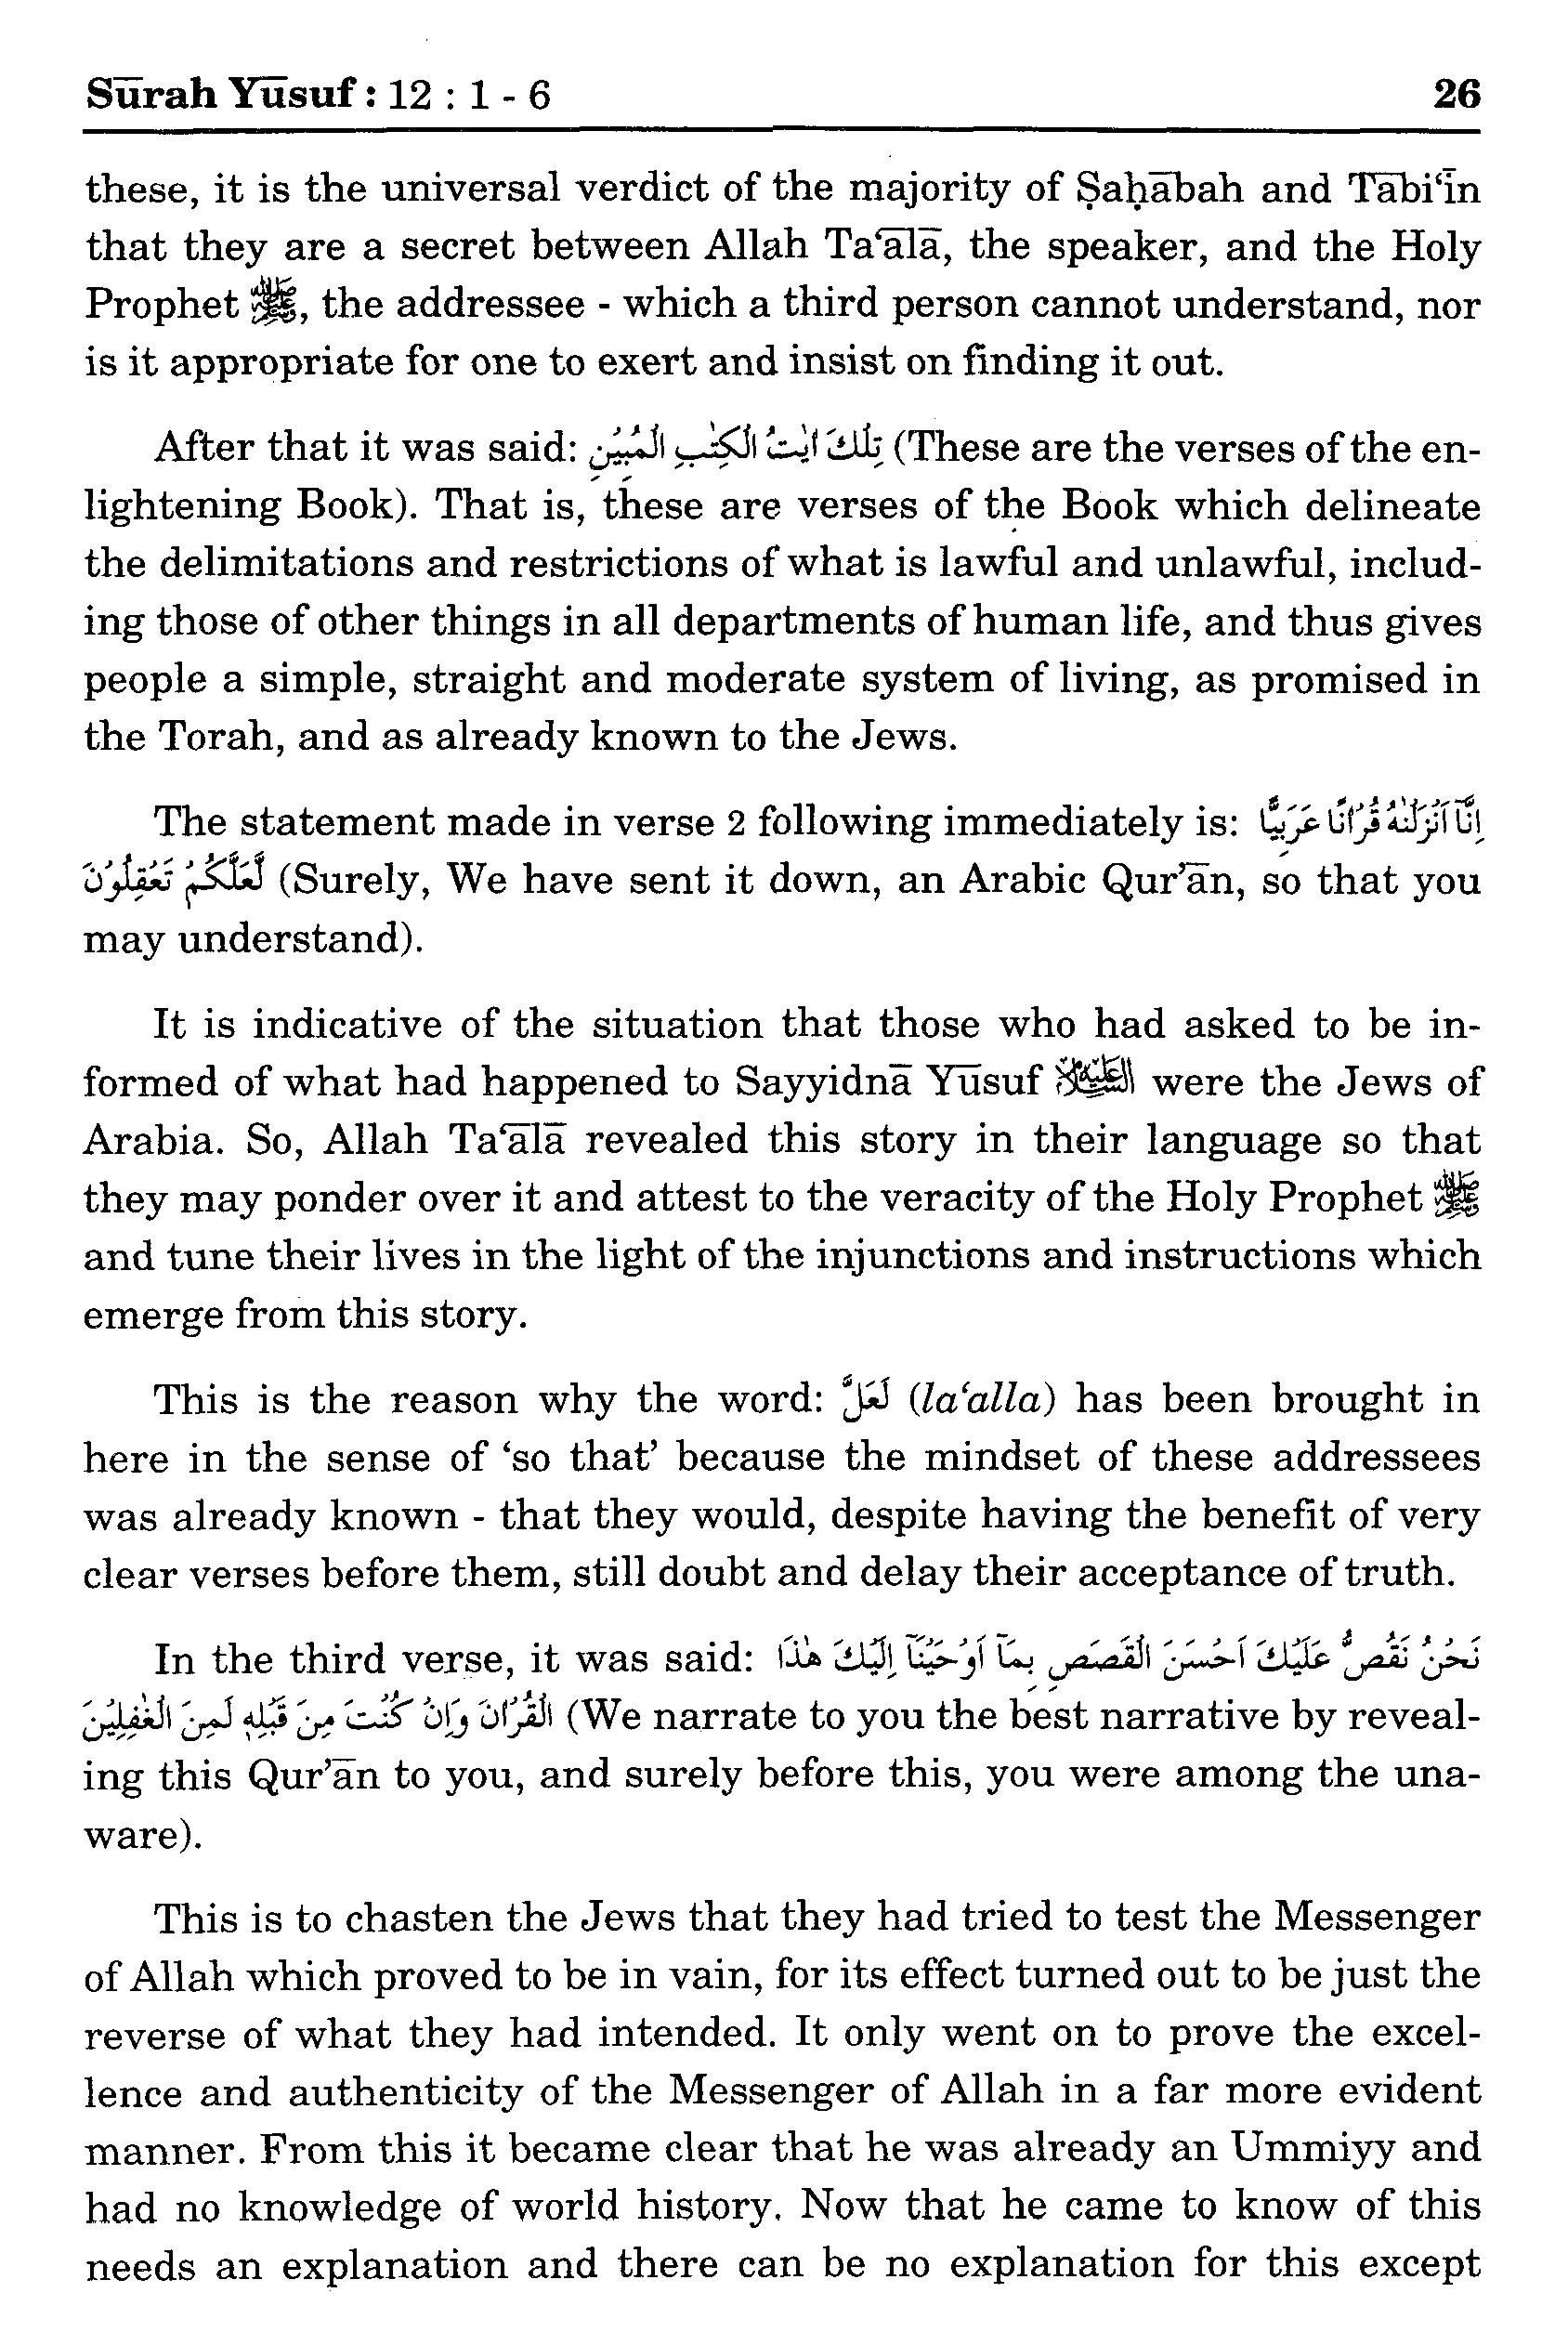 Surah Yusuf 12:1-6 - Maariful Quran - Maarif ul Quran